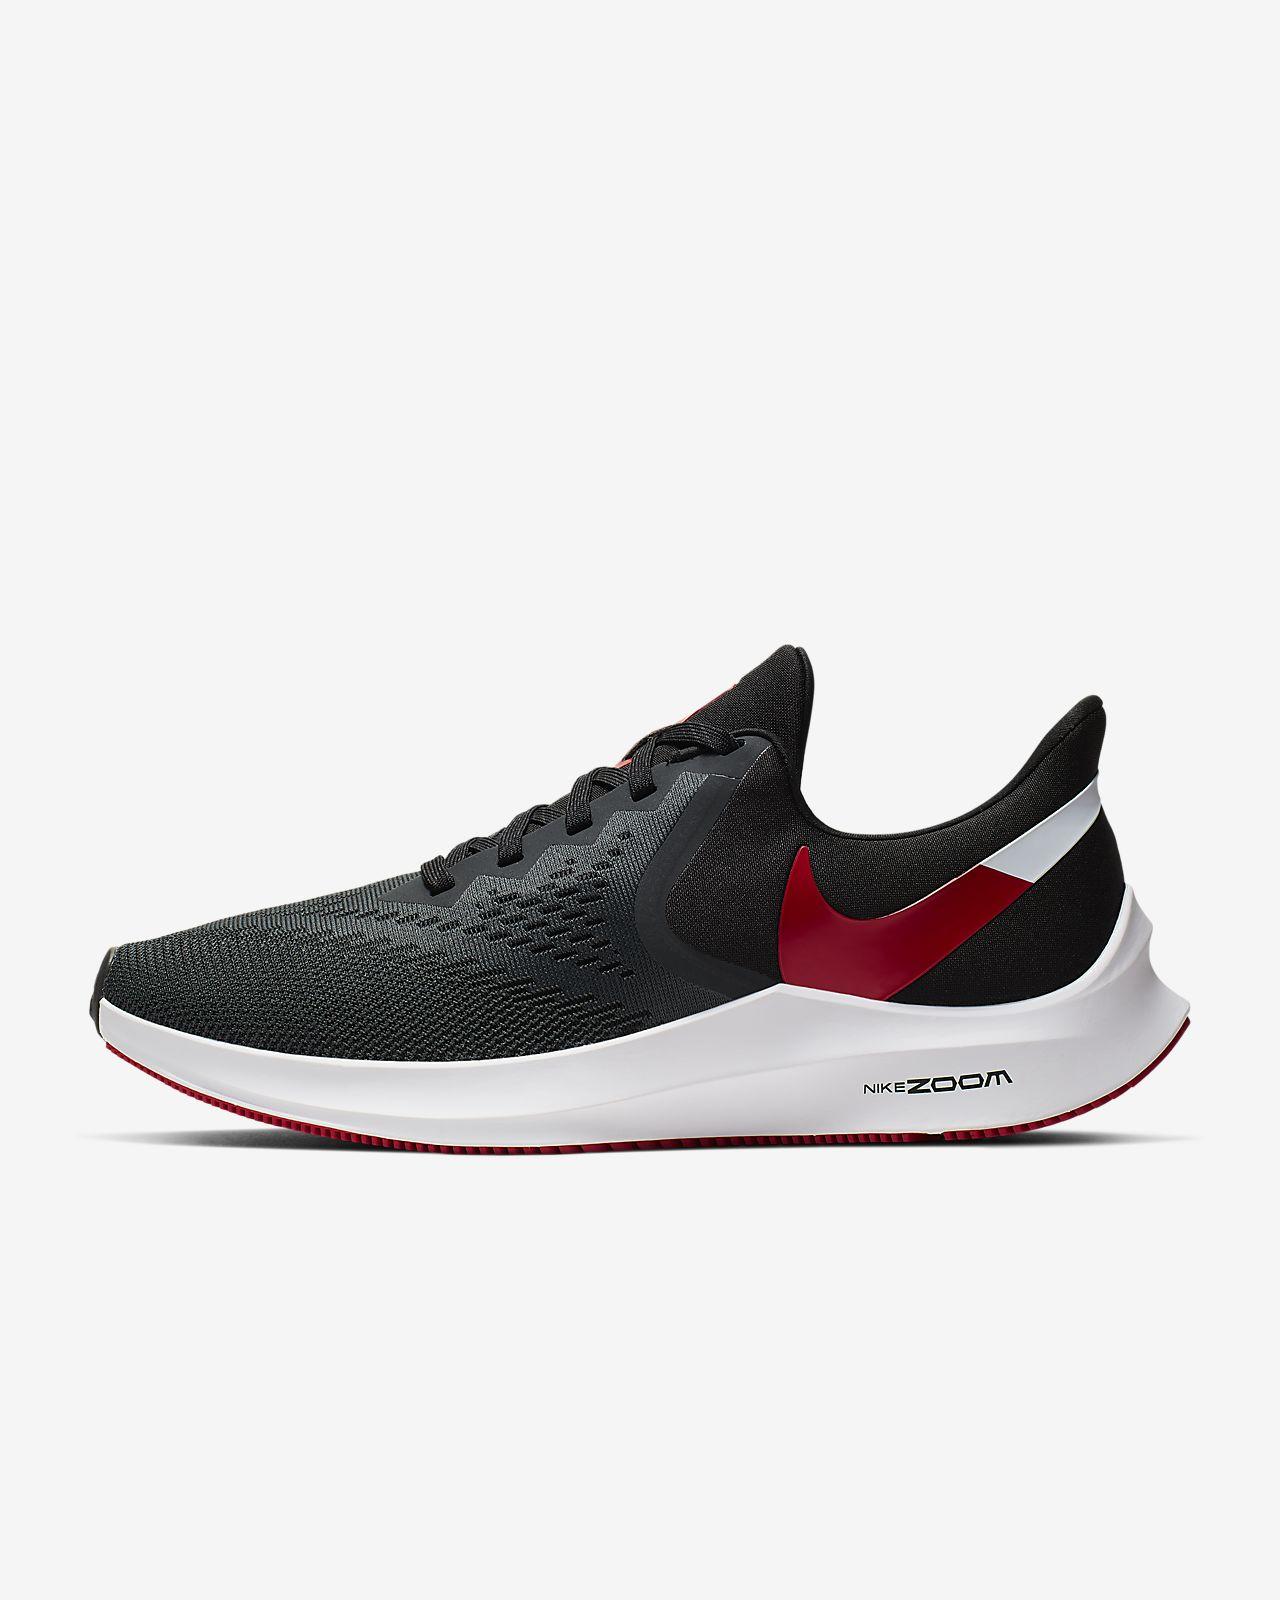 Nike Air Zoom Winflo 6 Men's Running